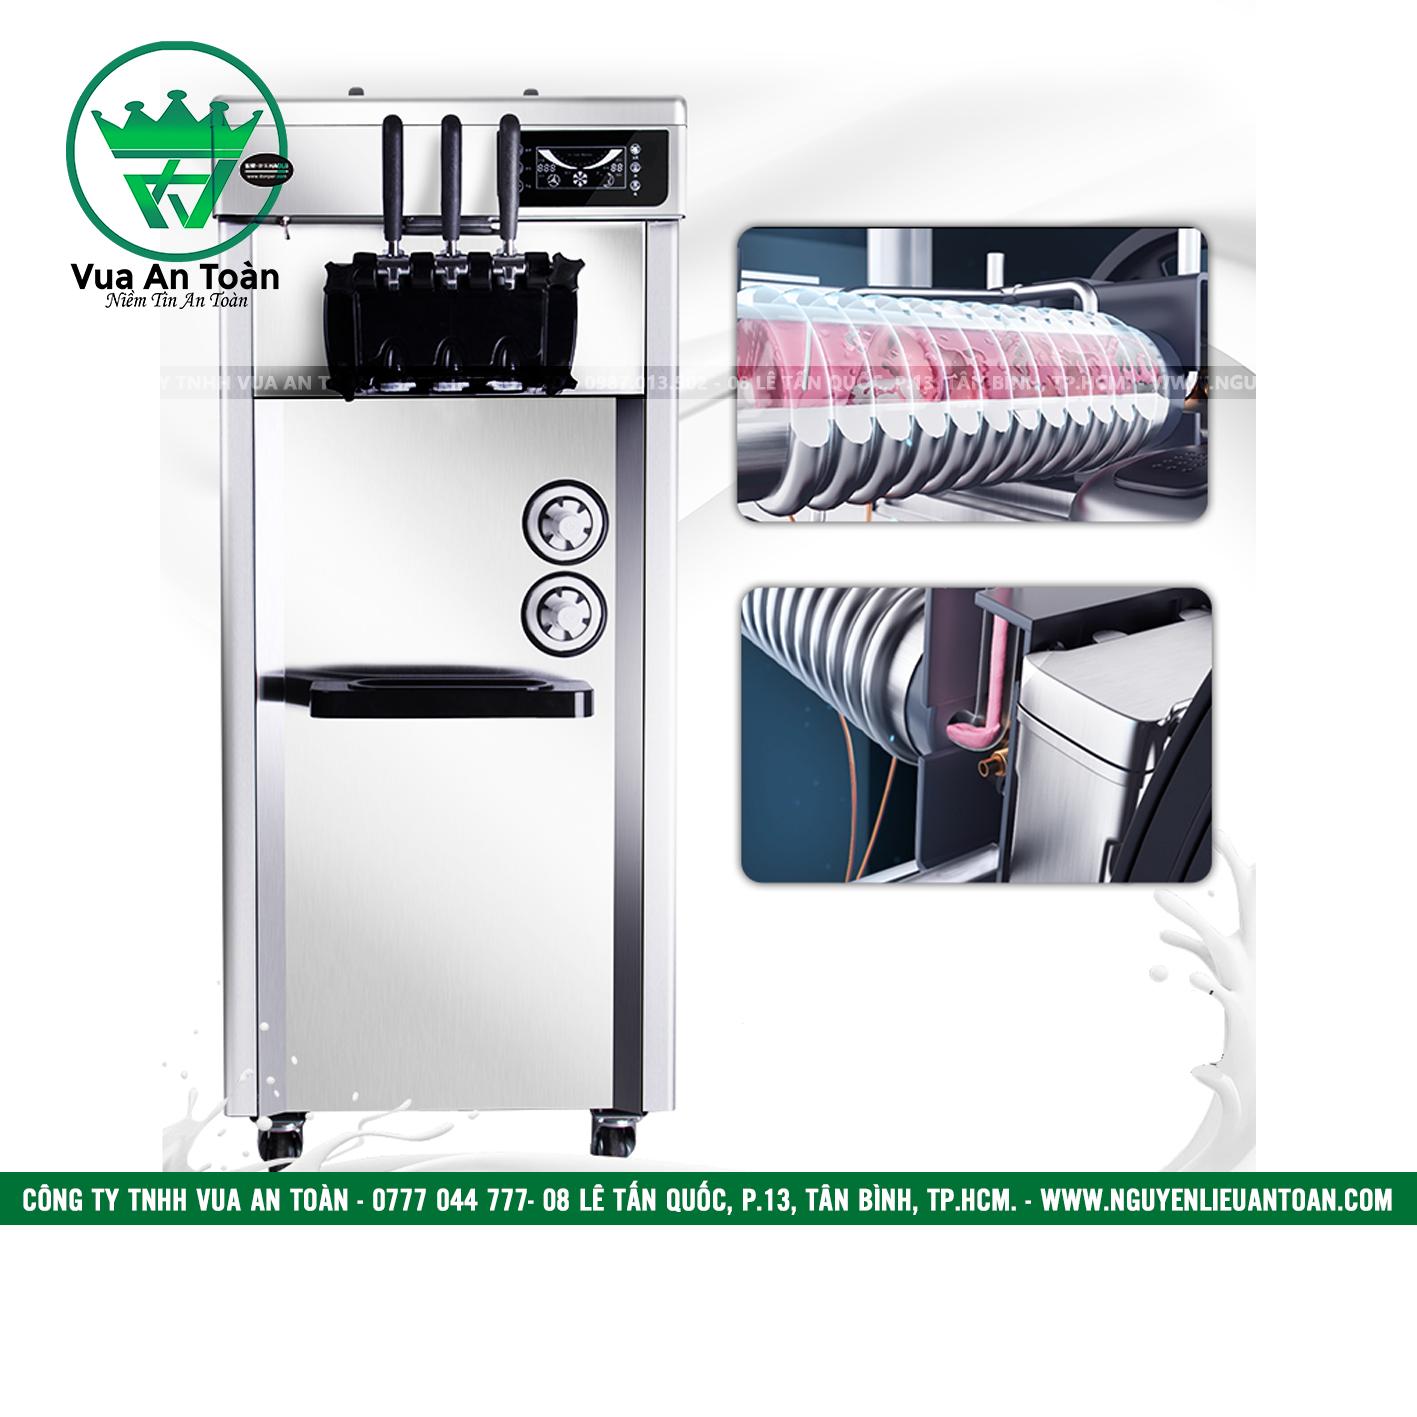 Máy làm kem Donper CKX 300